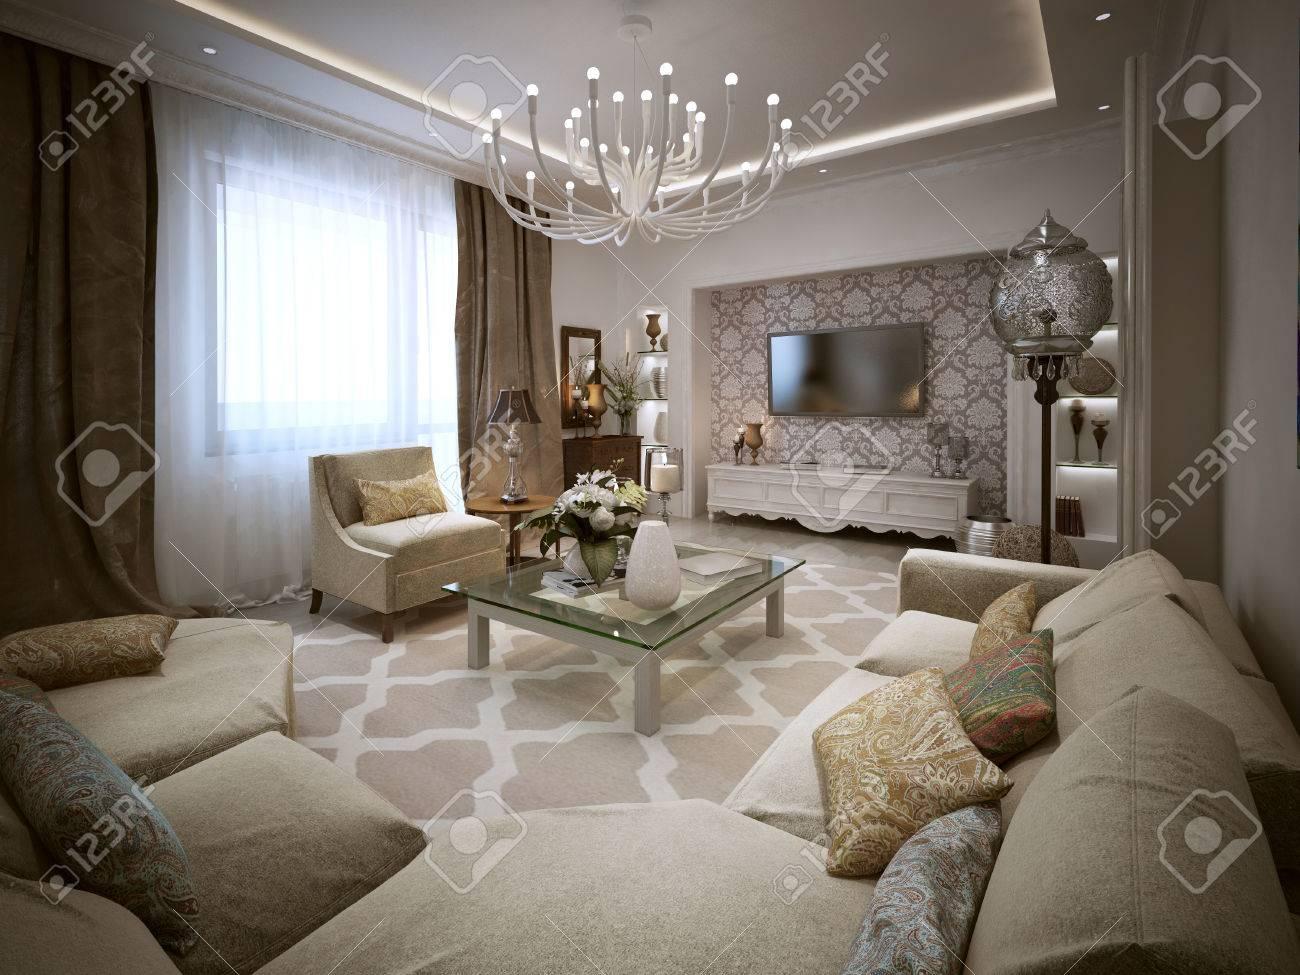 Wohnen Im Marokkanischen Stil. Die Beige, Braun Und Gelben Farben. 3D  übertragen.